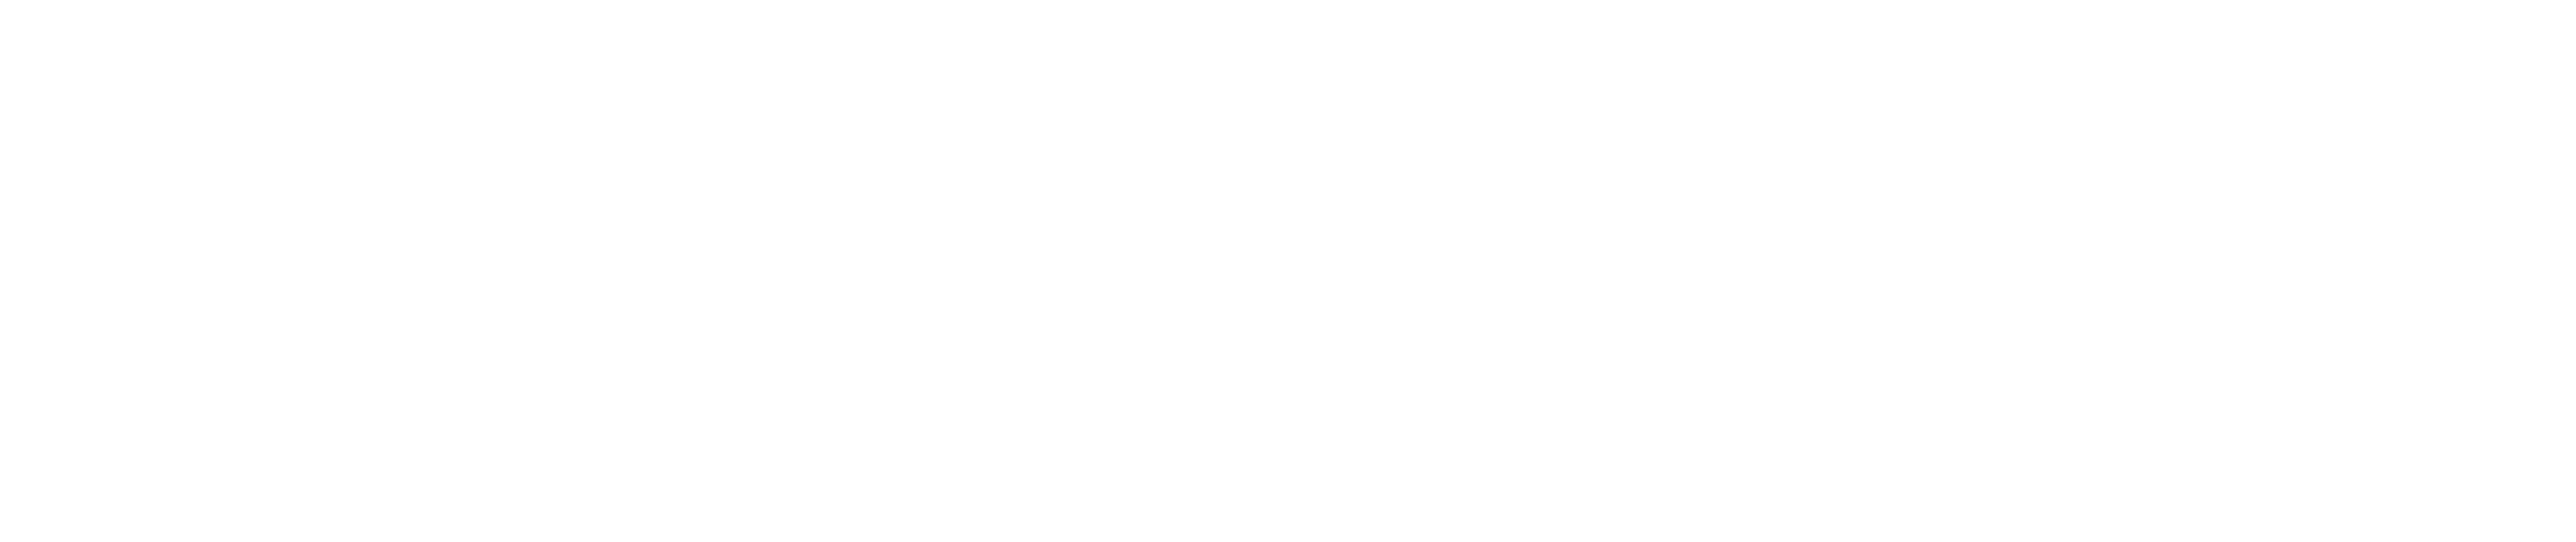 Ingram Micro ONE APAC 2019.